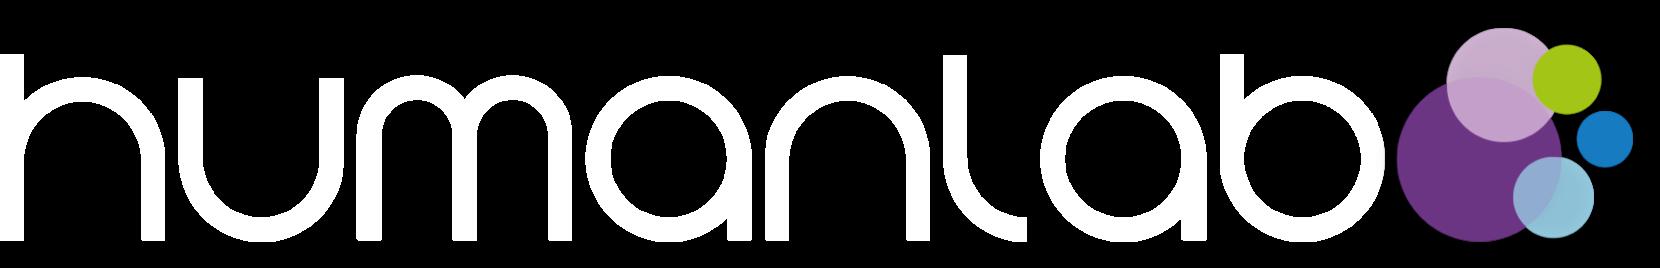 logo_shadow